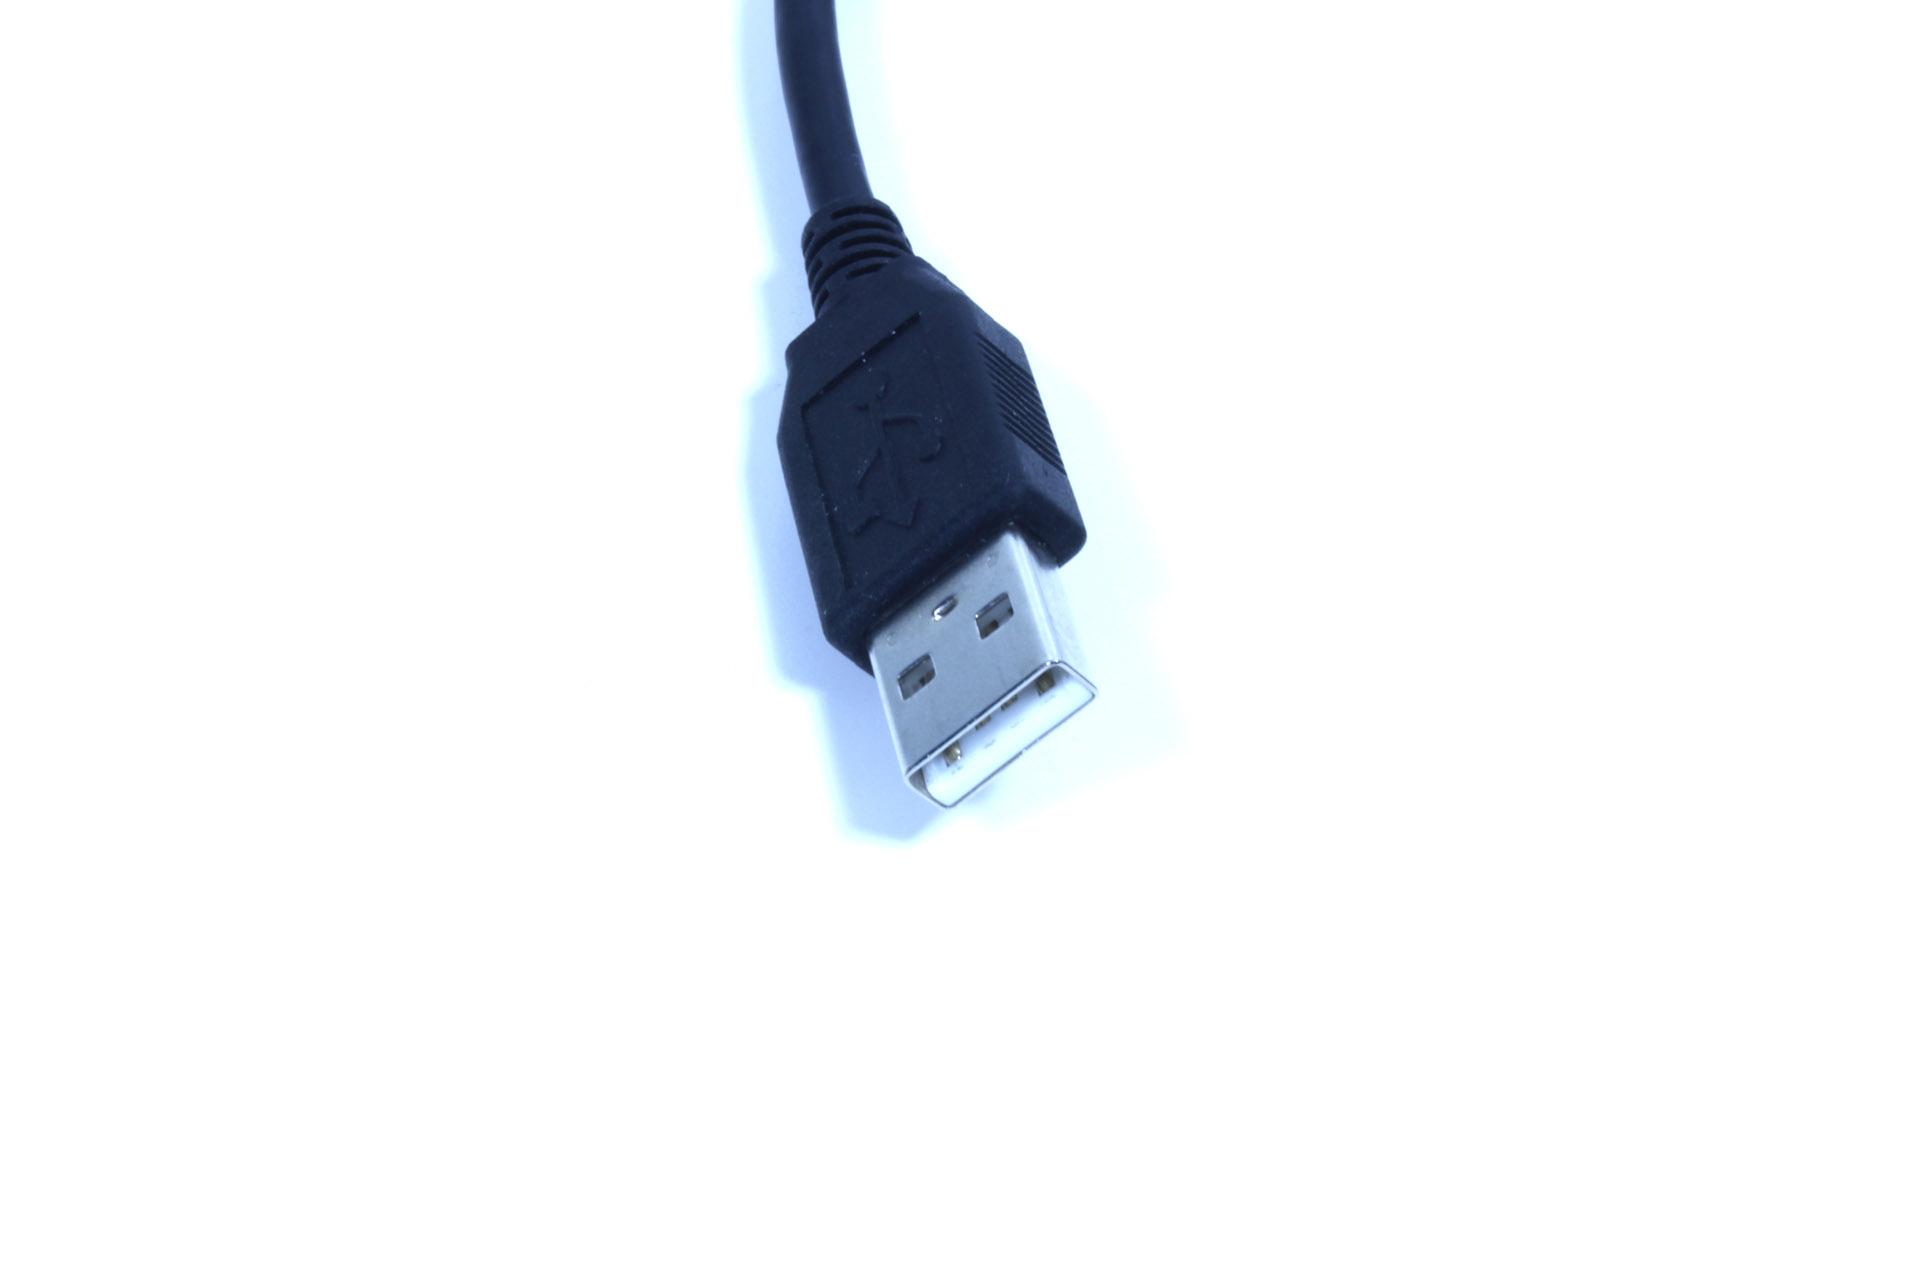 Wissen: Alles über USB und seine Stecker - Allround-PC.com